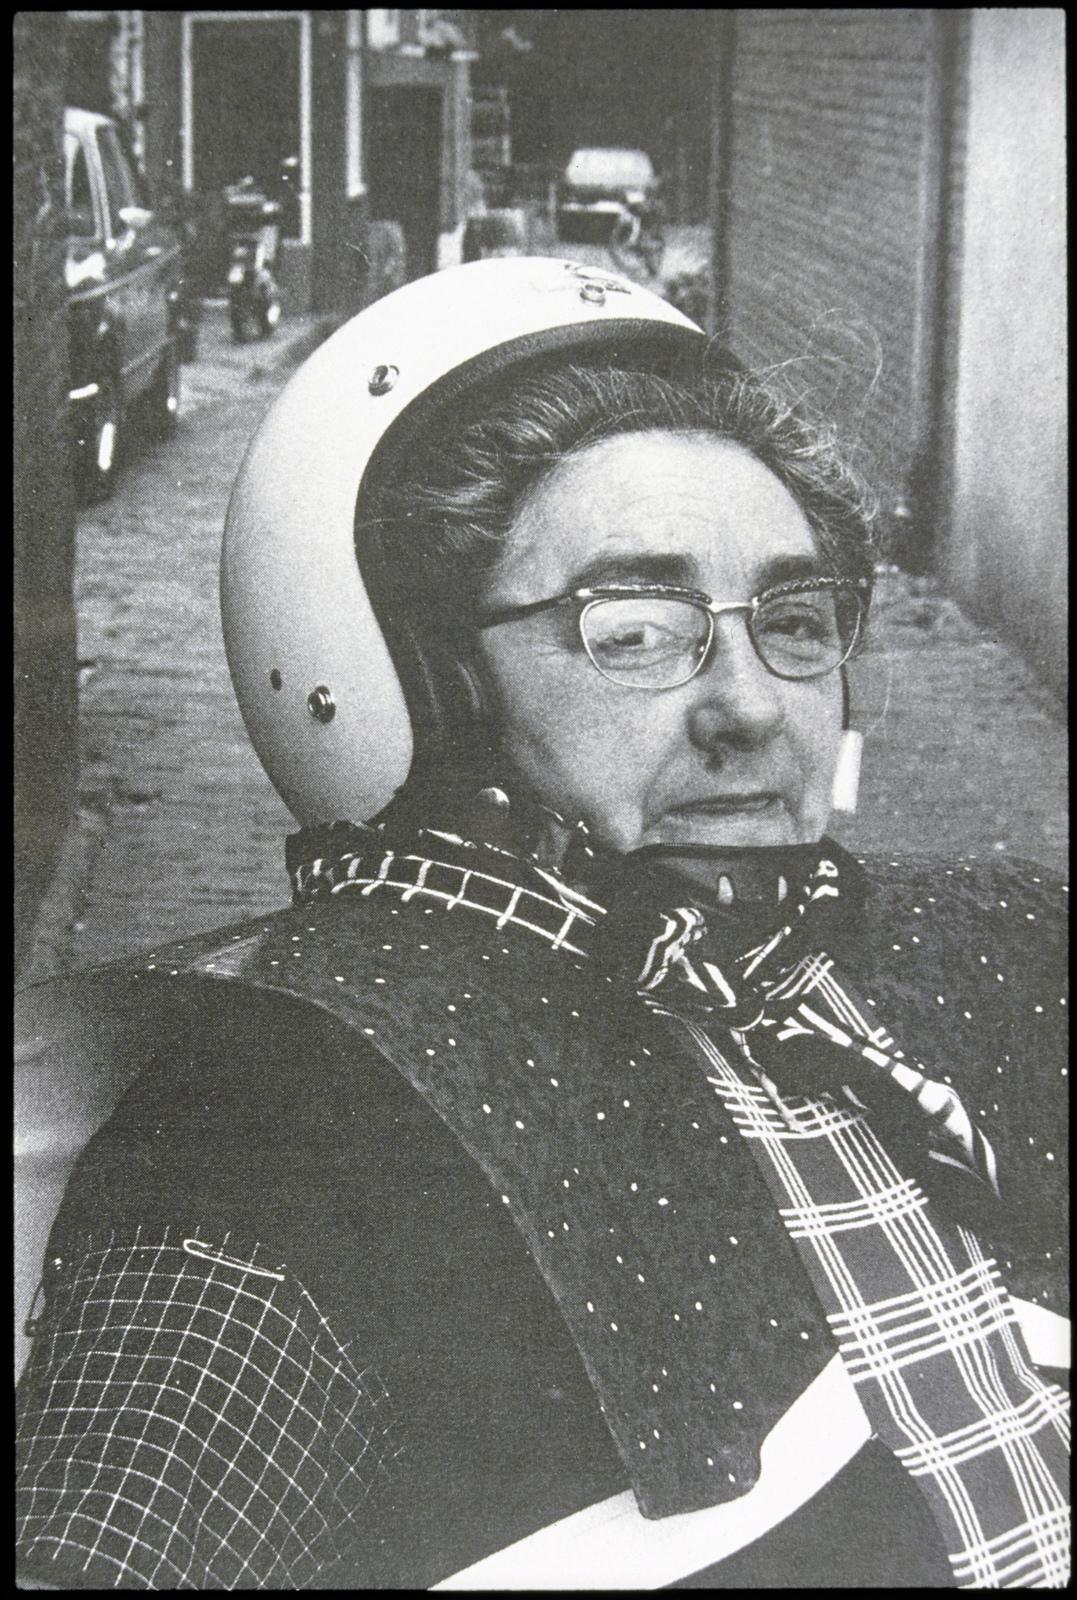 Vrouw in klederdracht met helm tijdens de Spakenburger dagen.